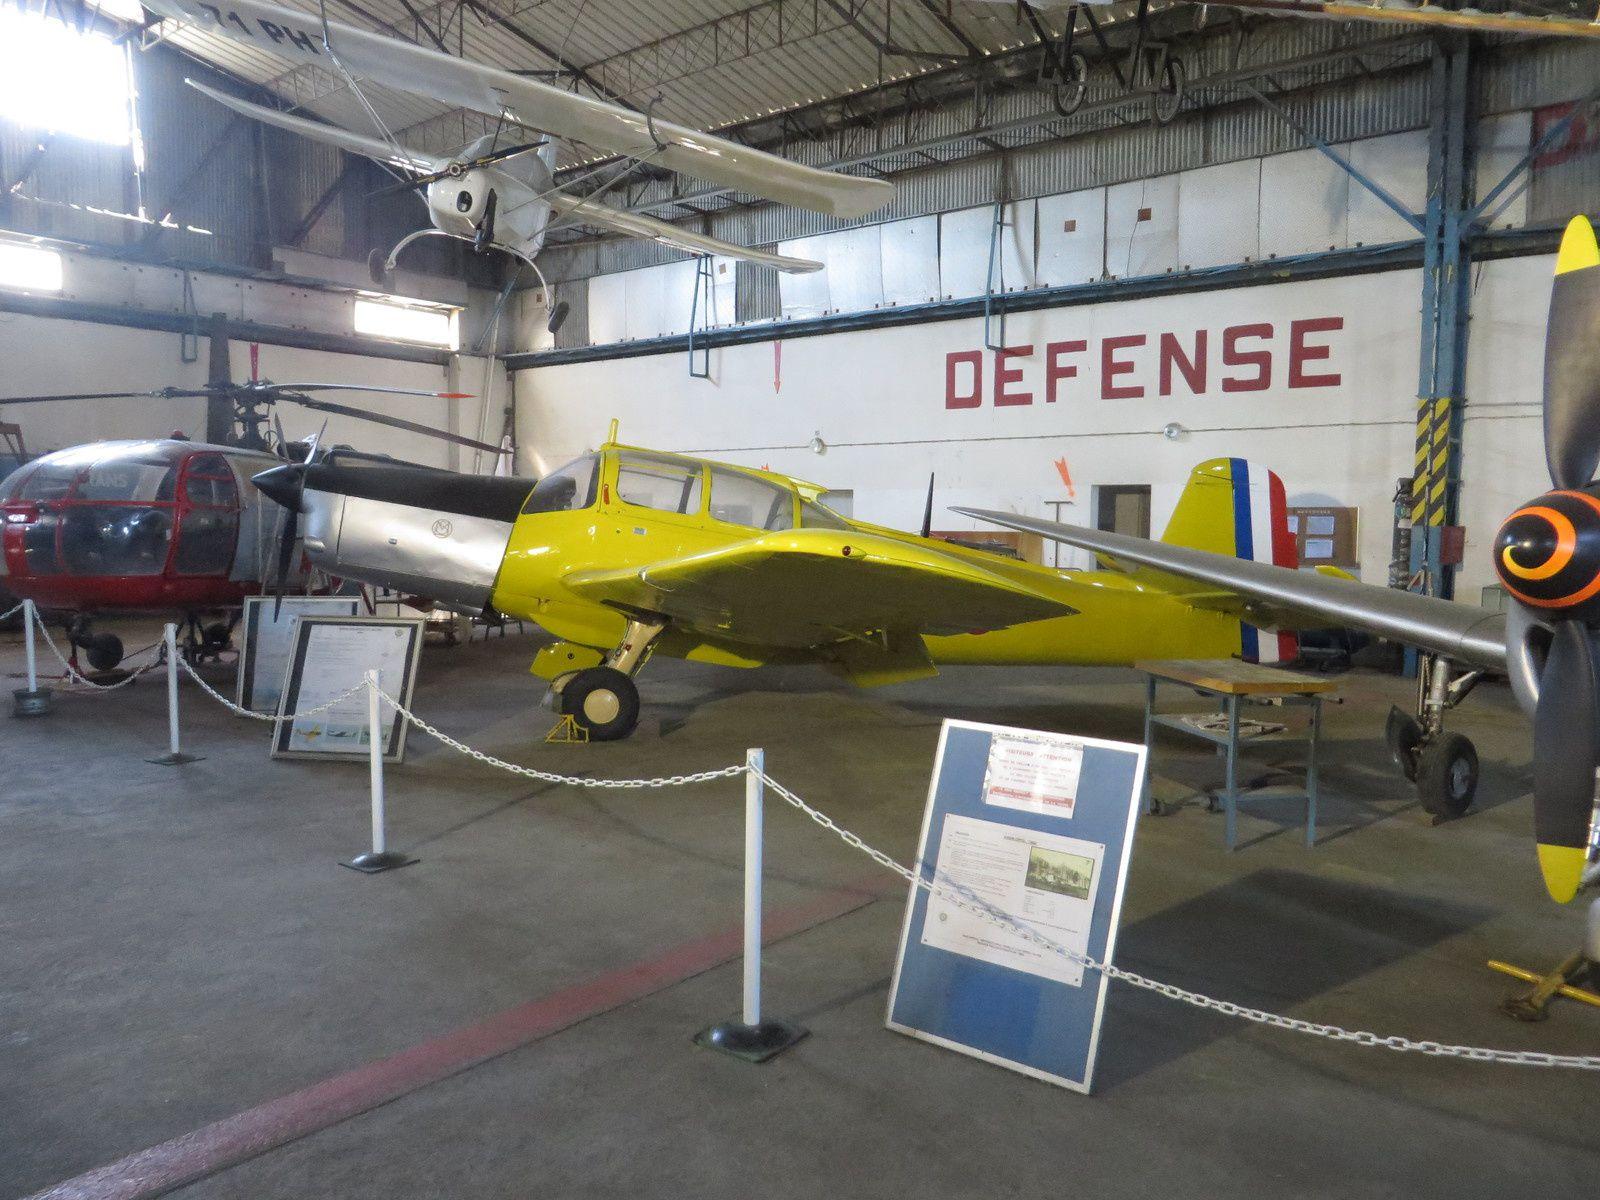 quelques photos de ces avions superbement entretenus par une centaine de bénévoles qui vous guideront dans un espace tout entier consacré aux appareils françaiss